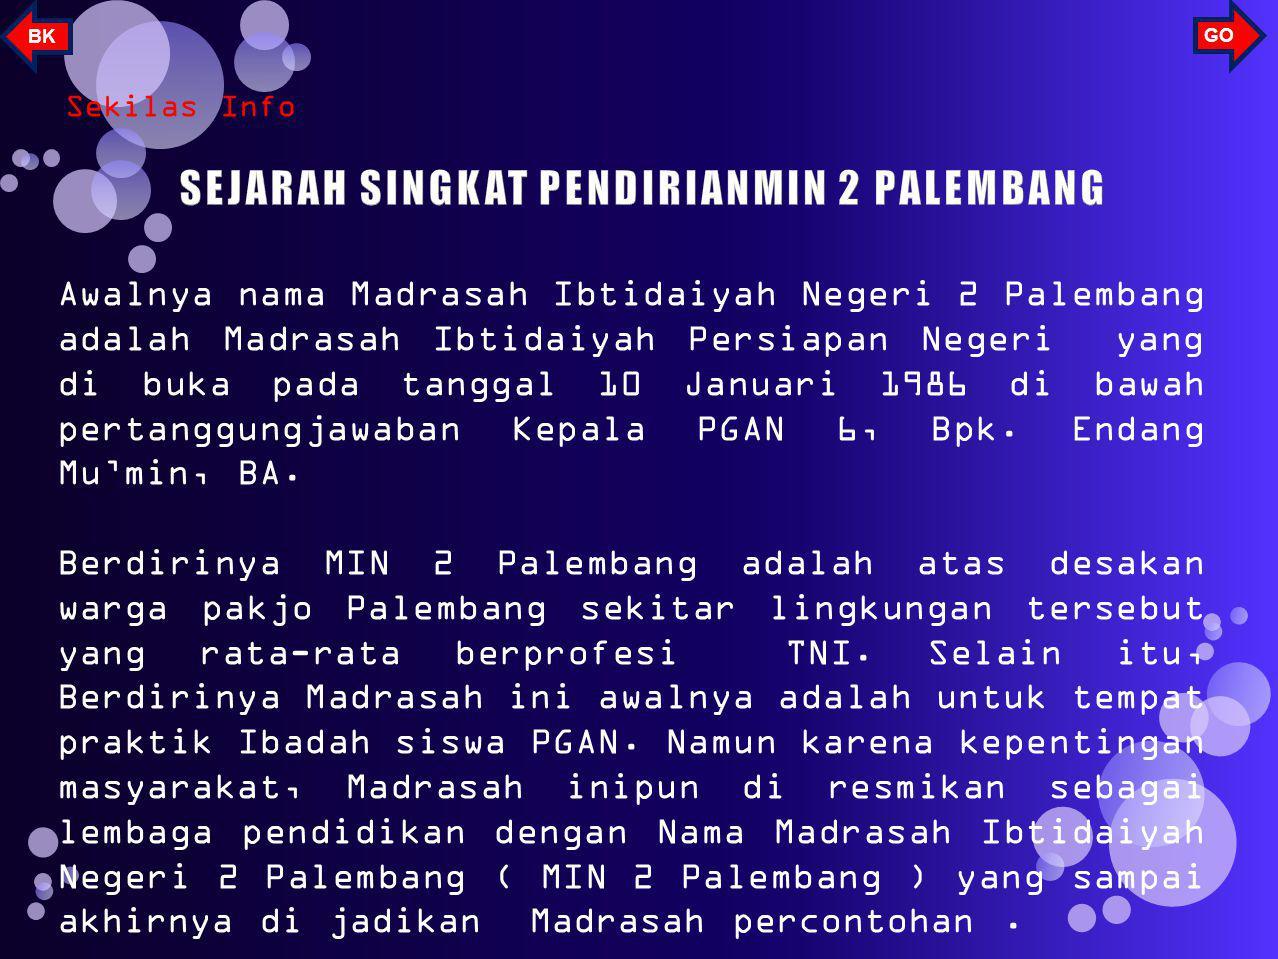 Sekilas Info Awalnya nama Madrasah Ibtidaiyah Negeri 2 Palembang adalah Madrasah Ibtidaiyah Persiapan Negeri yang di buka pada tanggal 10 Januari 1986 di bawah pertanggungjawaban Kepala PGAN 6, Bpk.